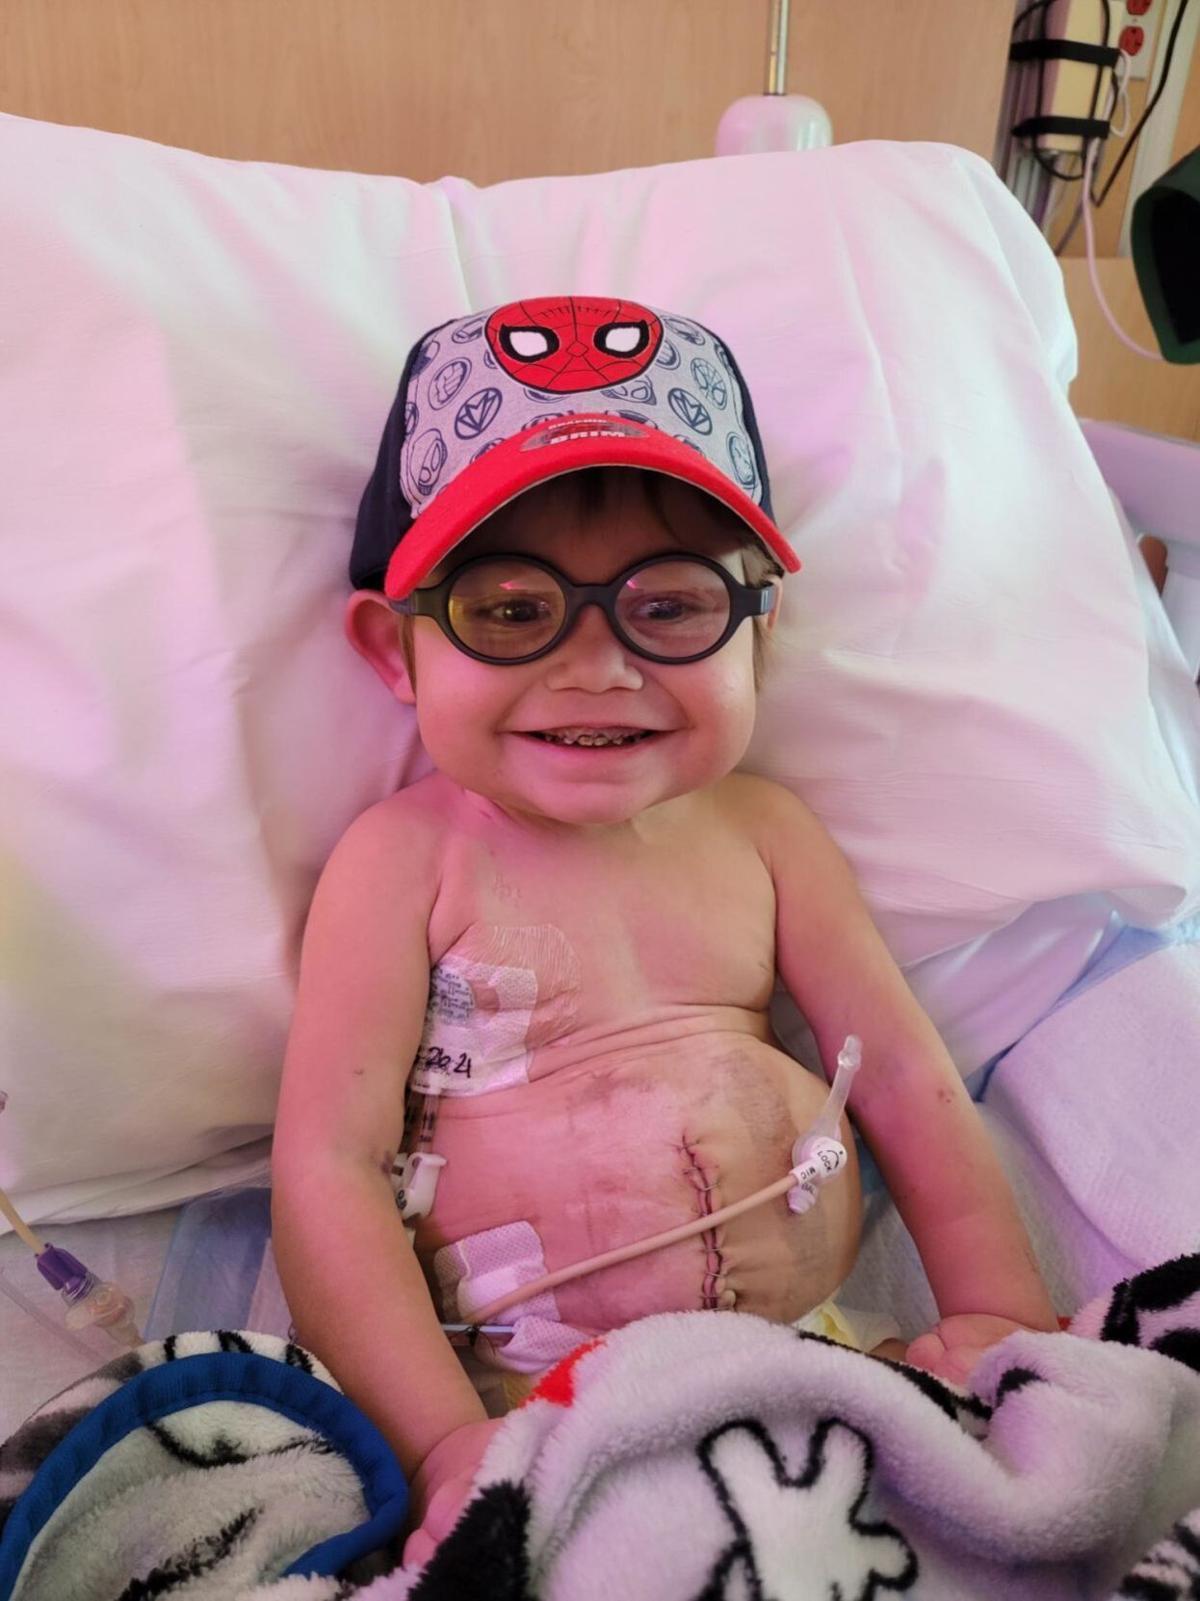 Ryder after transplant surgery